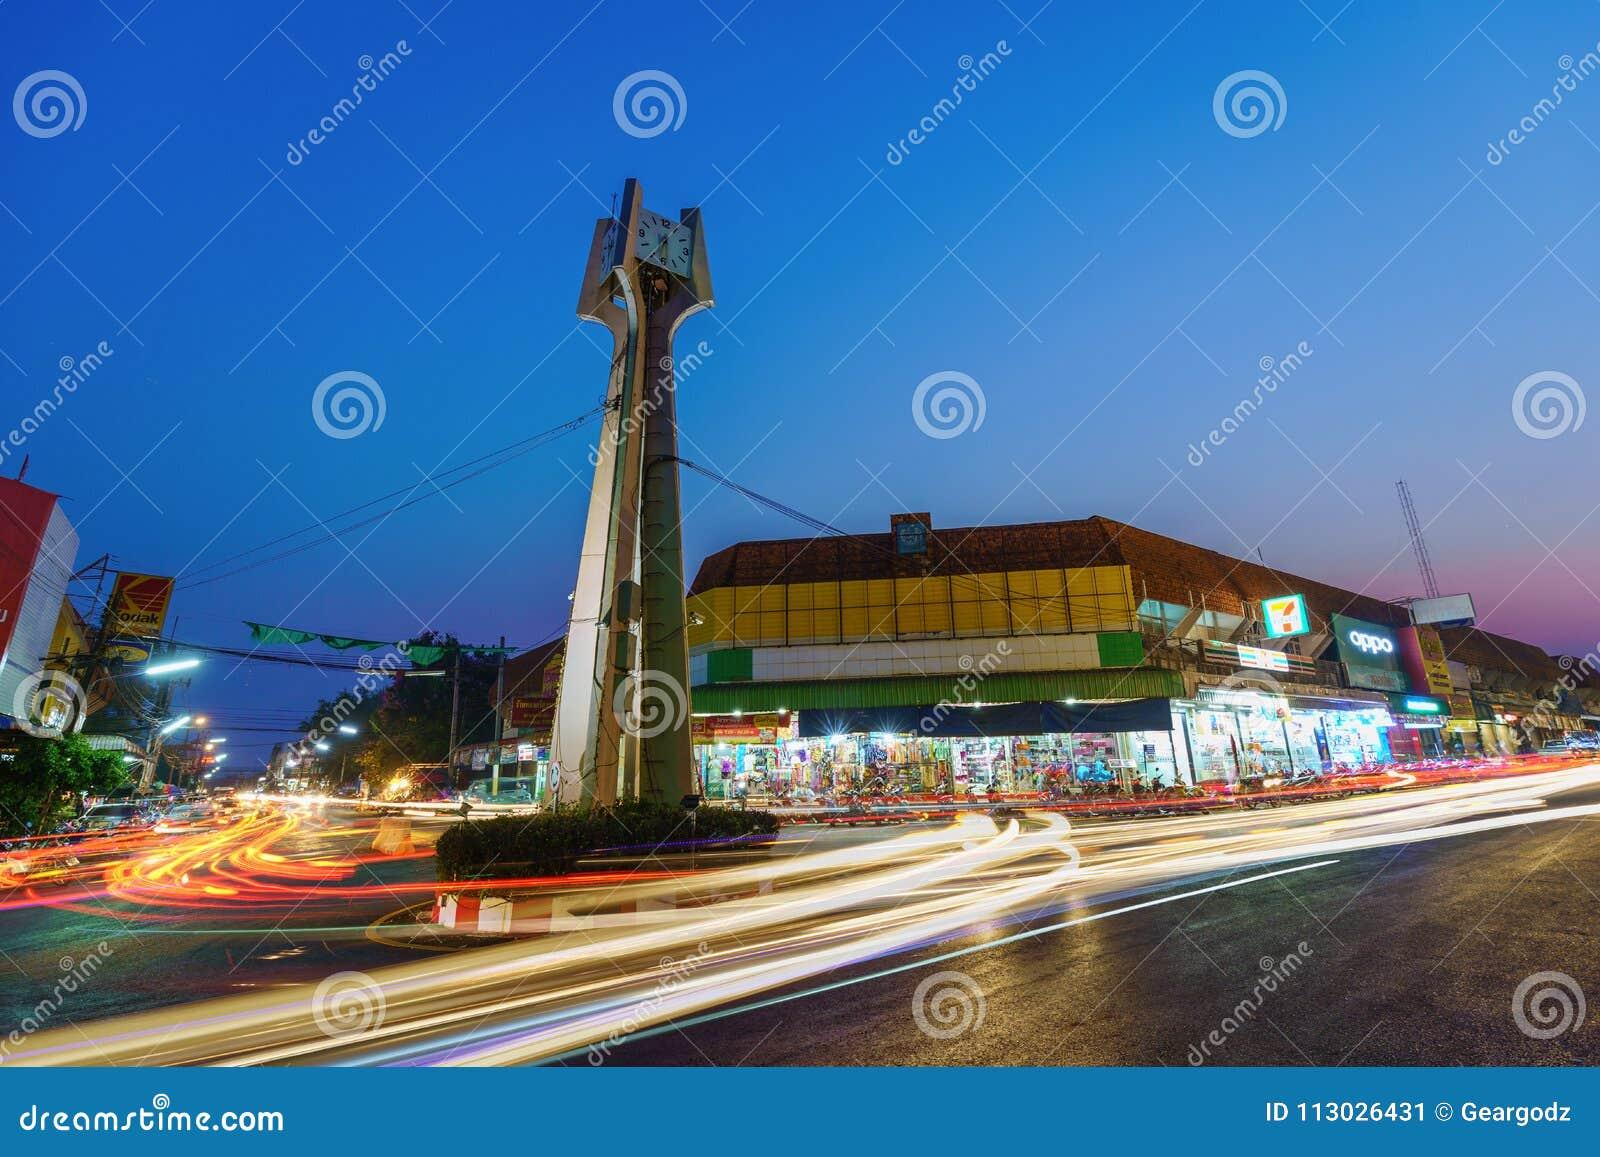 La torre de reloj de Khonburi en la noche es señal en el centro abajo